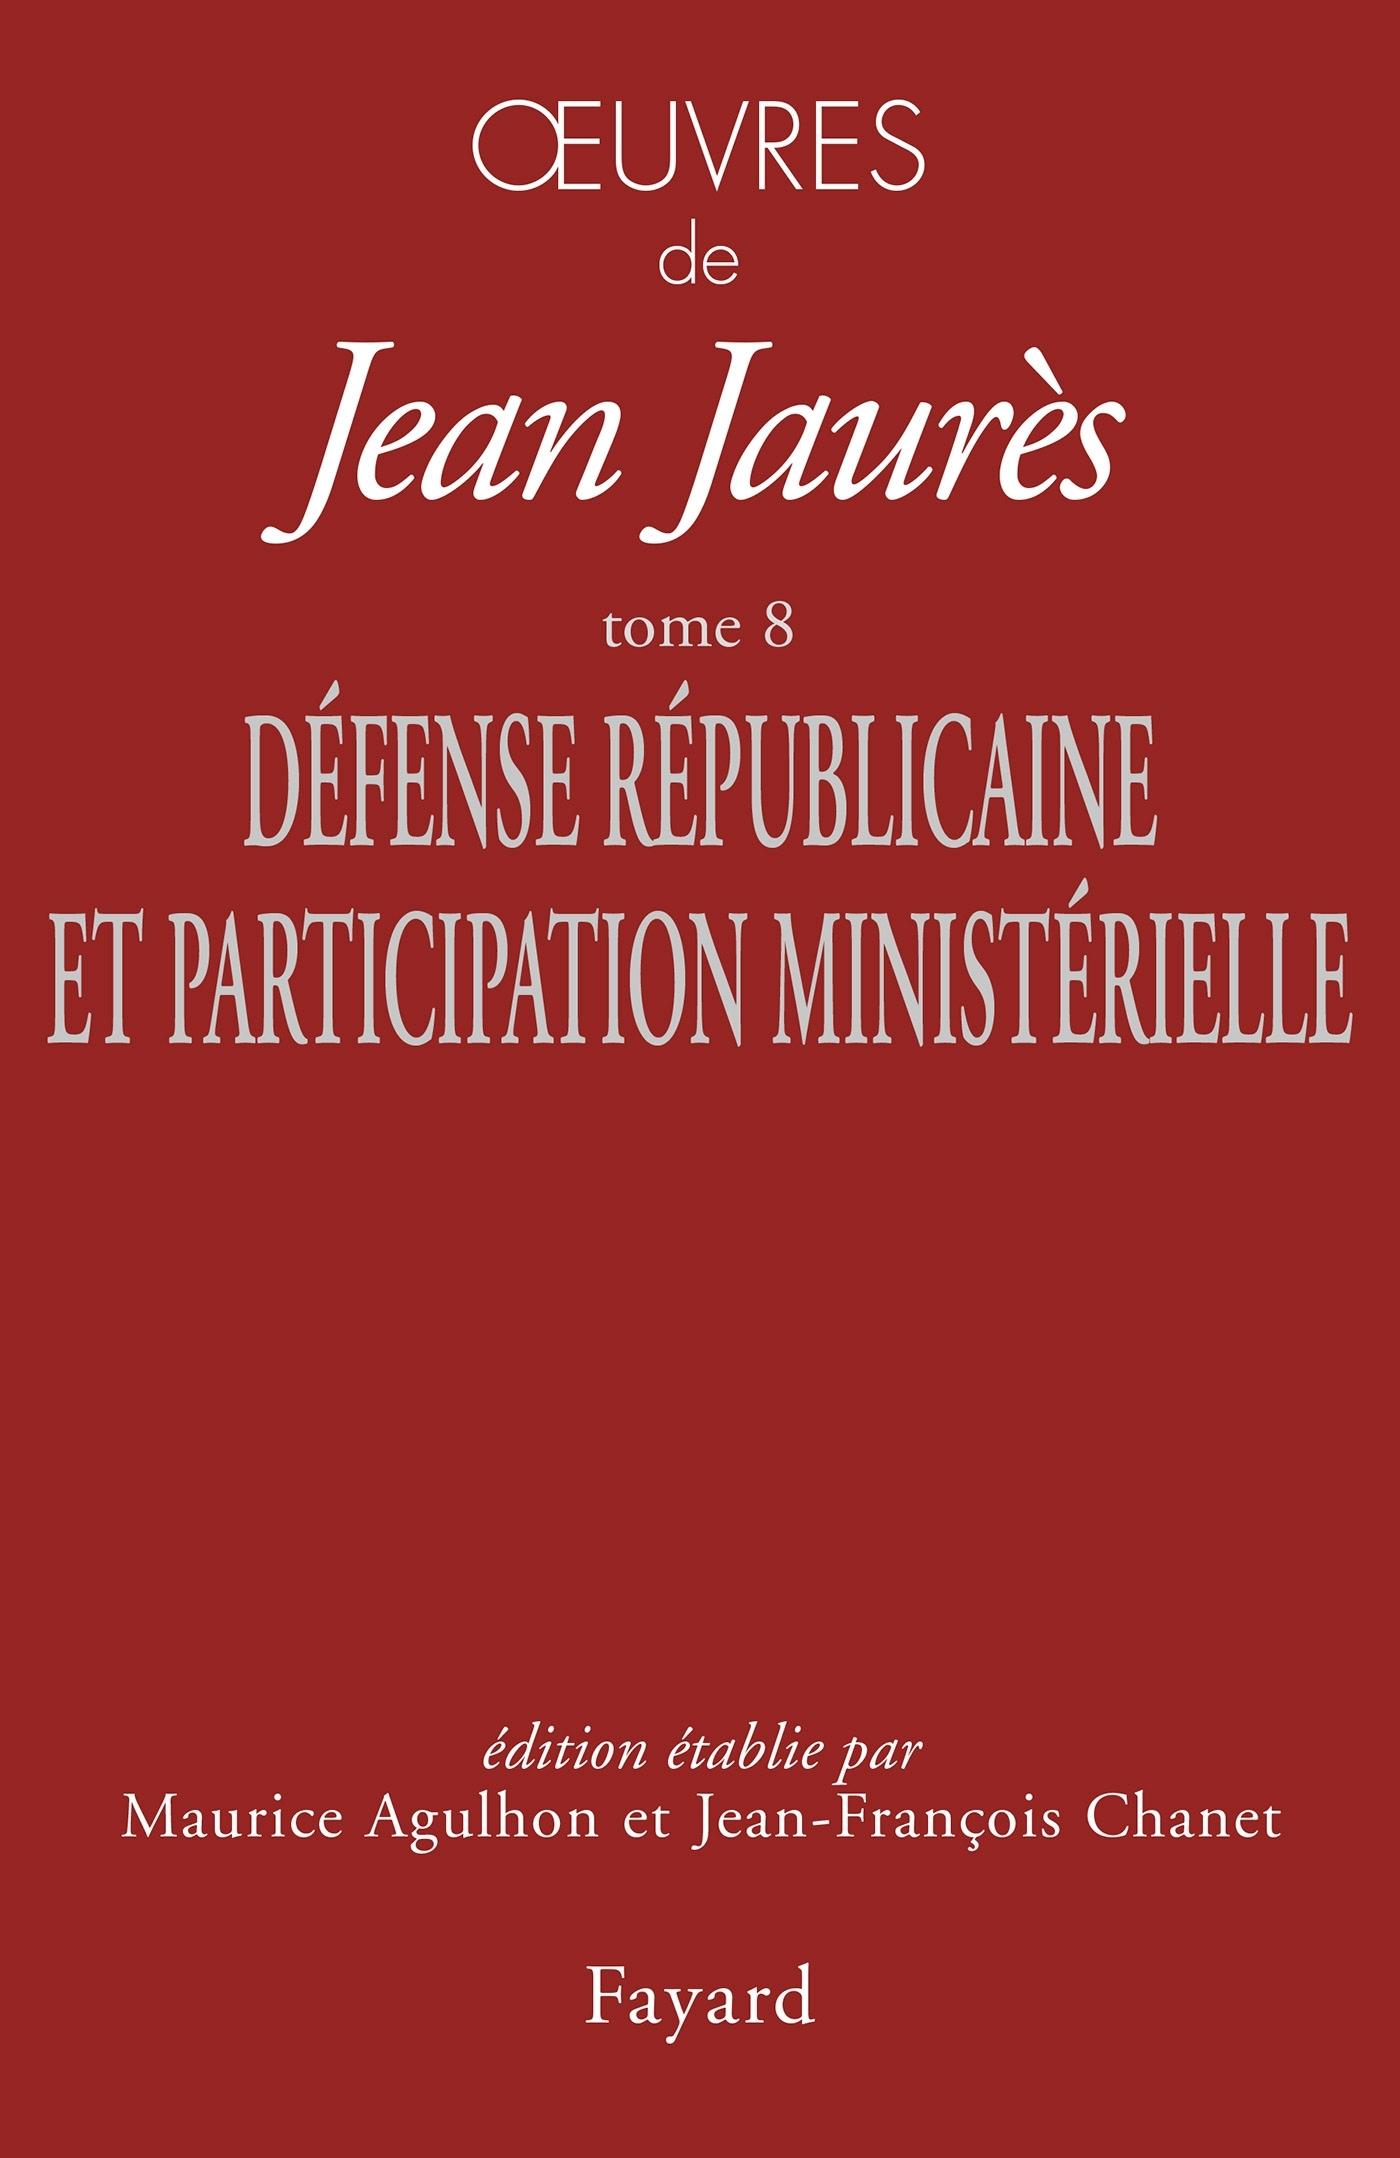 OEUVRES TOME 8 - DEFENSE REPUBLICAINE ET PARTICIPATION MINISTERIELLE